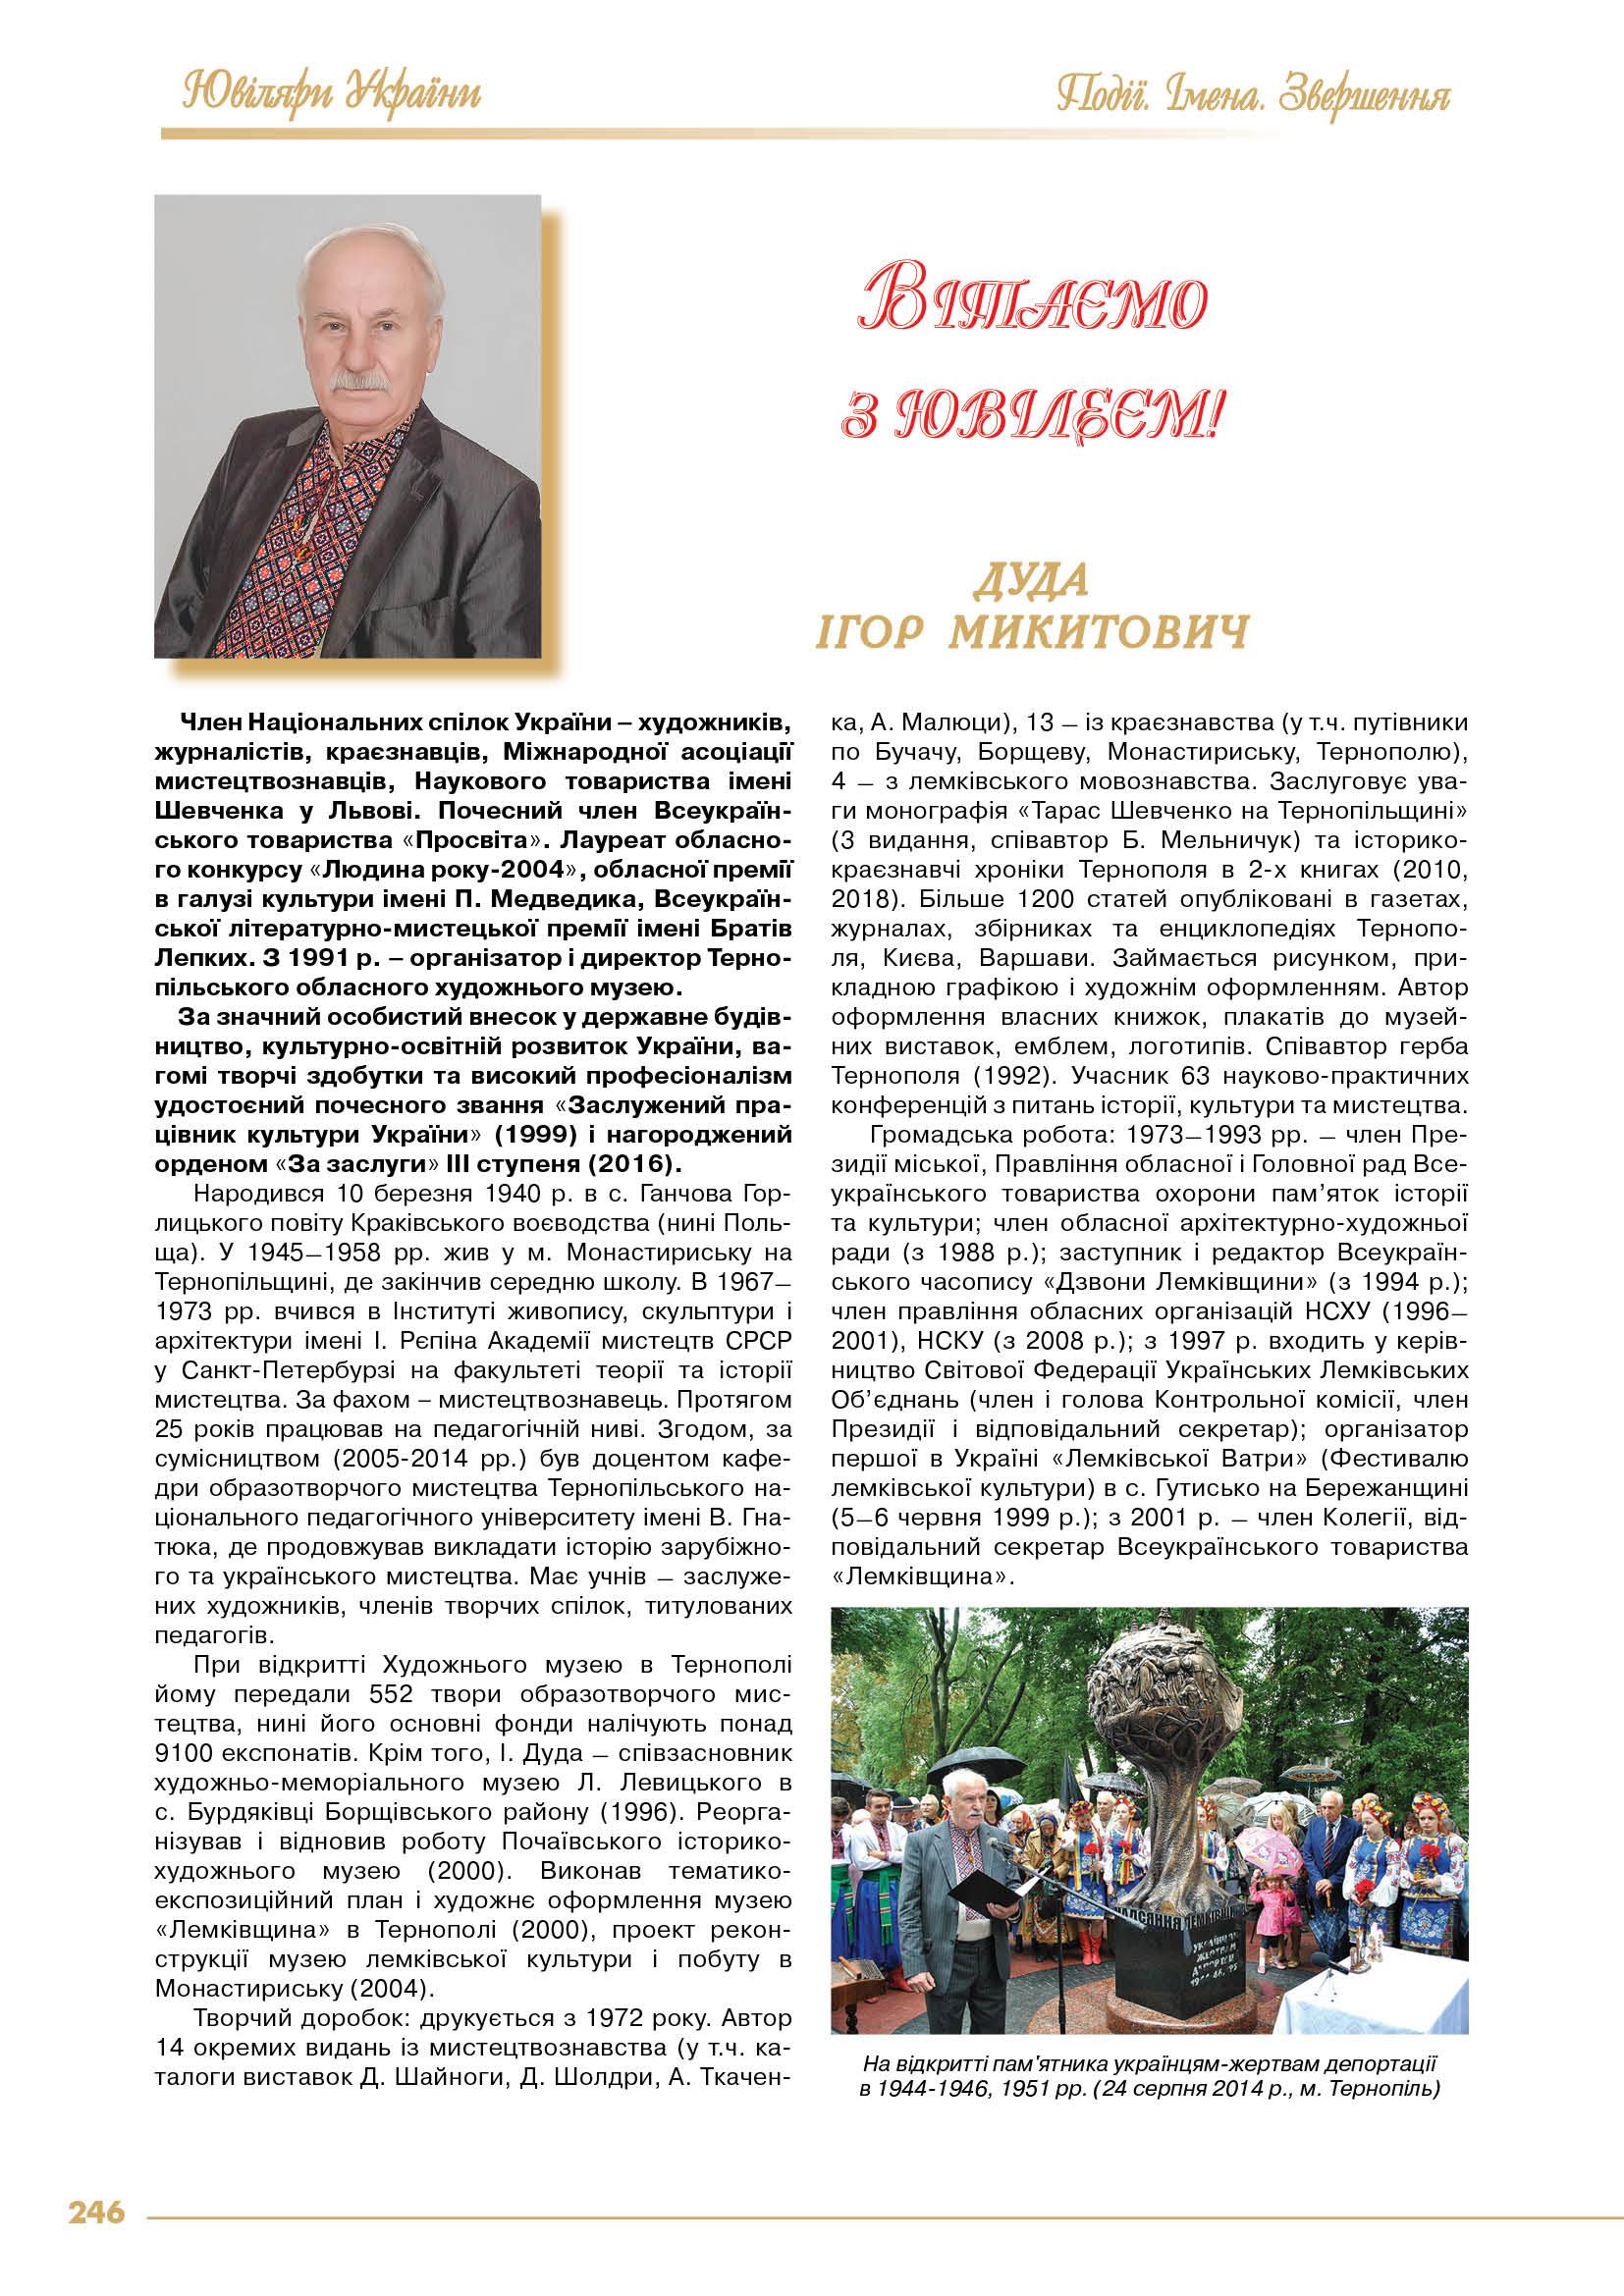 Дуда Ігор Микитович